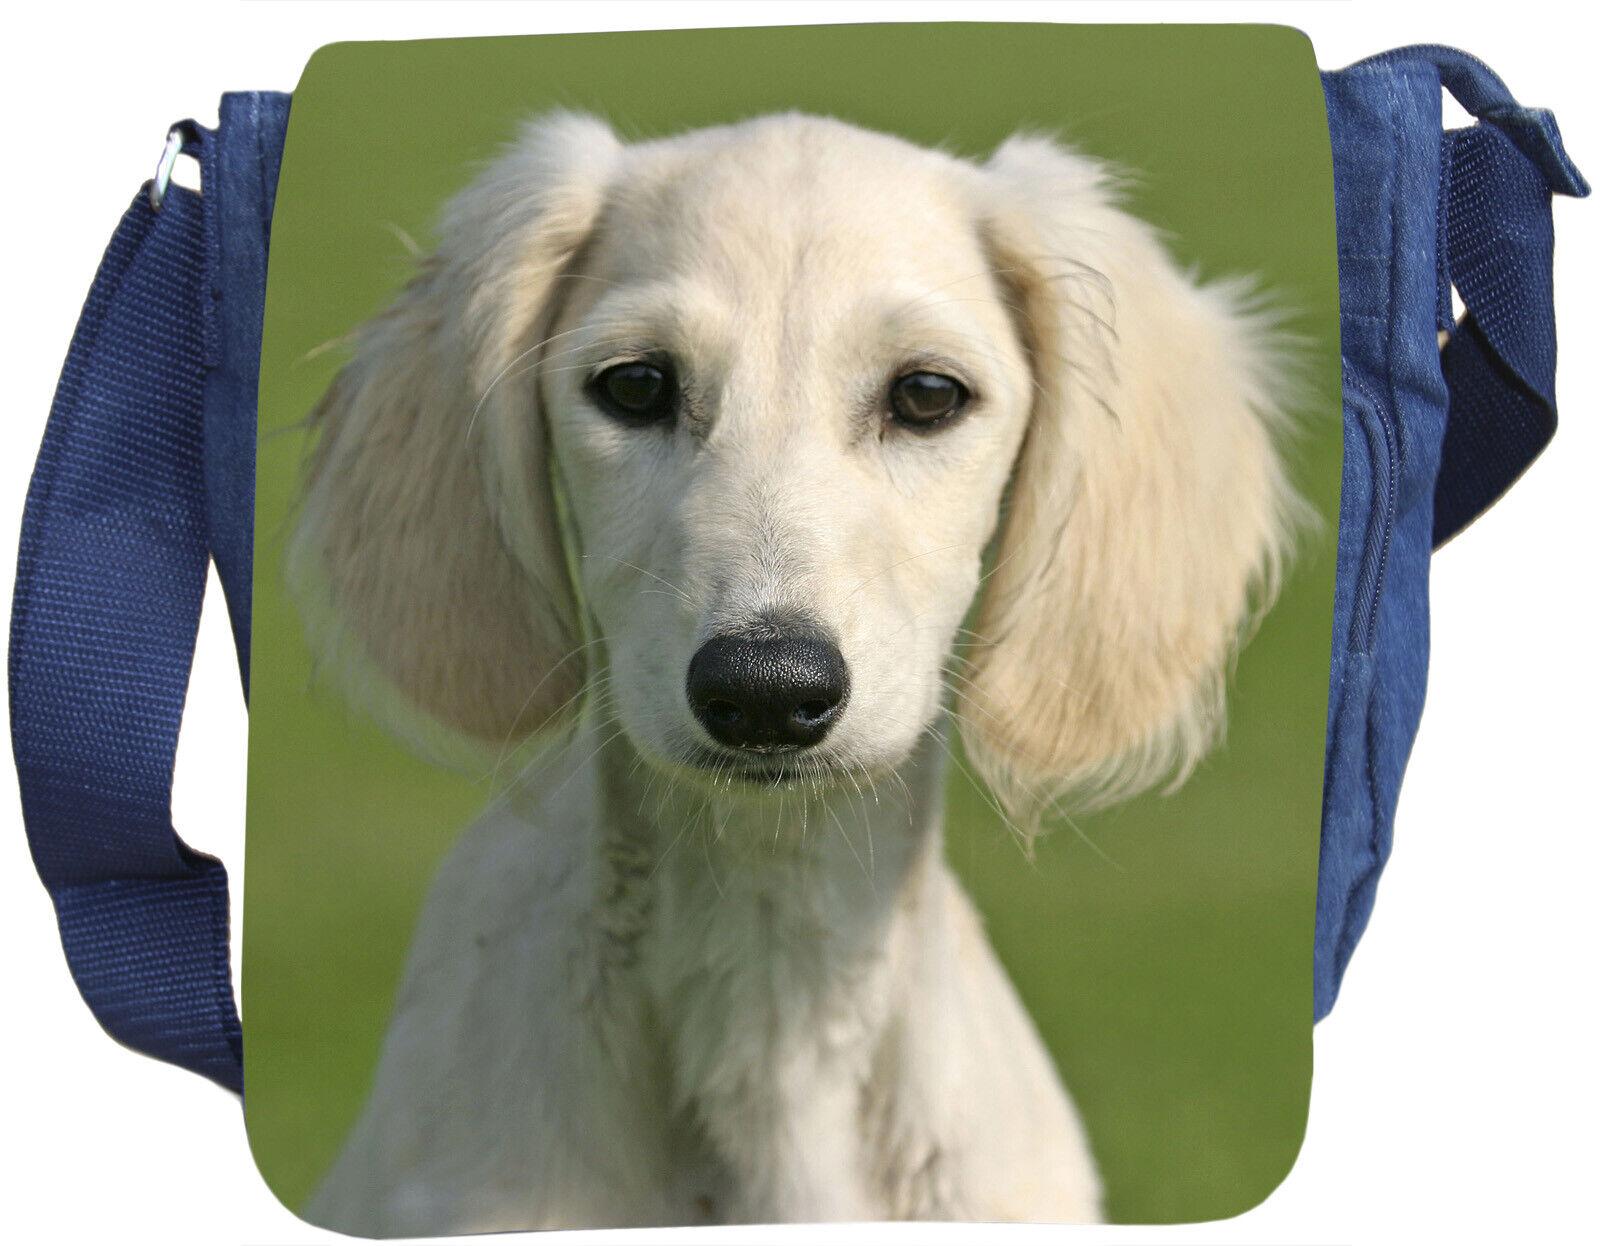 SALUKI Windhund - SCHULTERTASCHE Tasche Tasche Tasche Umhängetasche JEANS Baumwolle - SLI 04 |  Neuer Markt  | Viele Stile  | Gewinnen Sie hoch geschätzt  dae71b